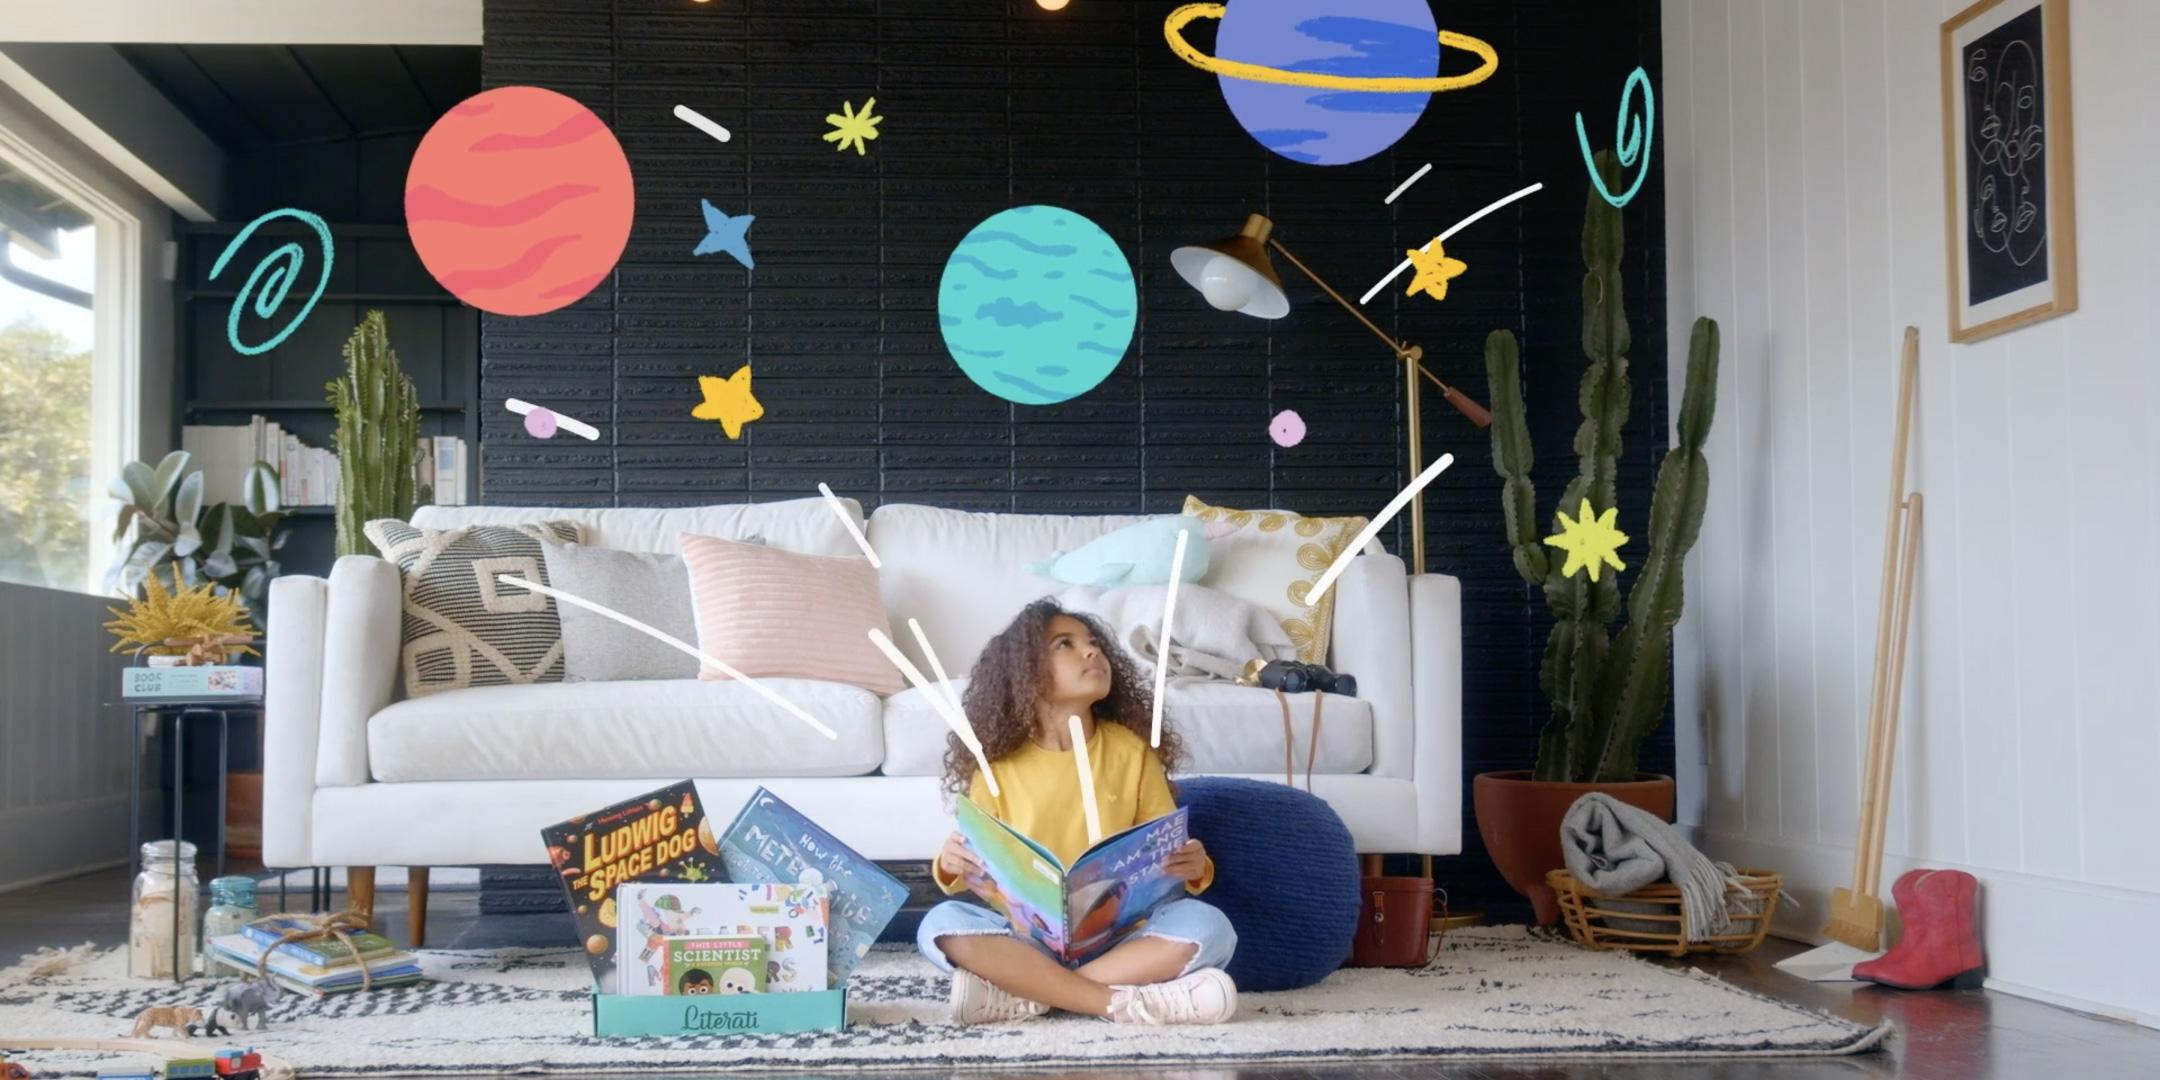 Literati – Imagination